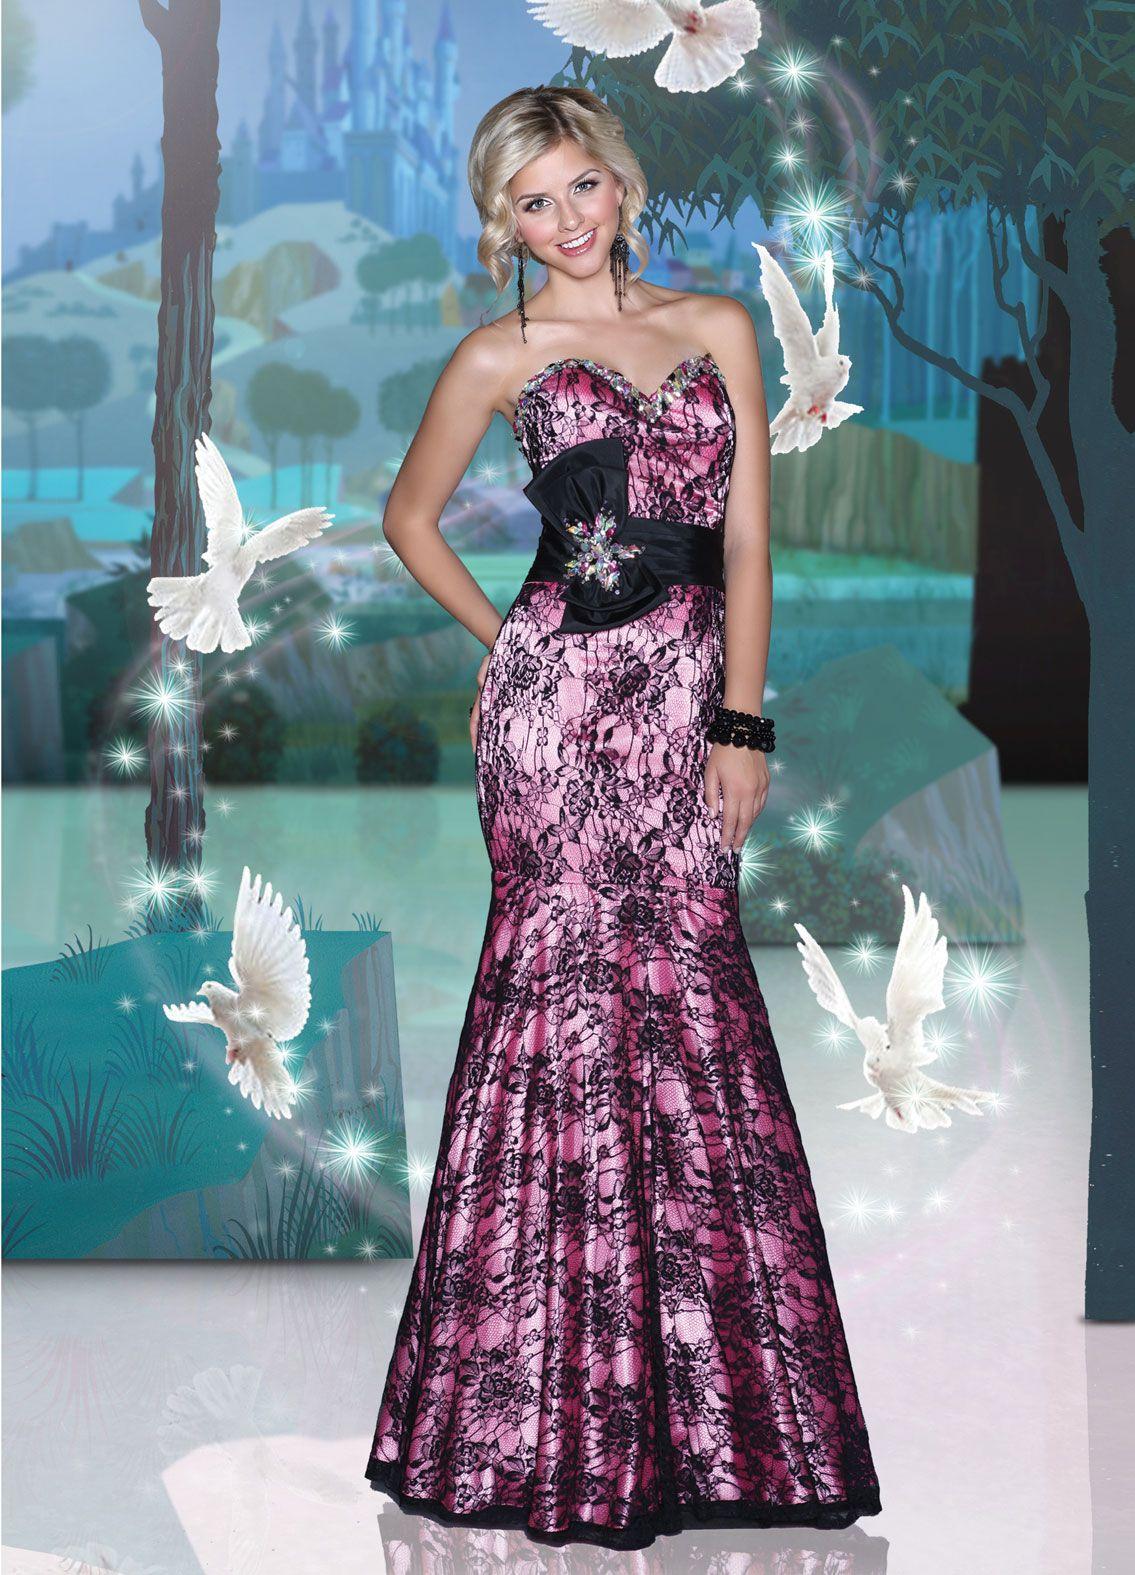 Disney Forever Enchanted Prom Dresses xciteprom.com | Prom Dresses ...